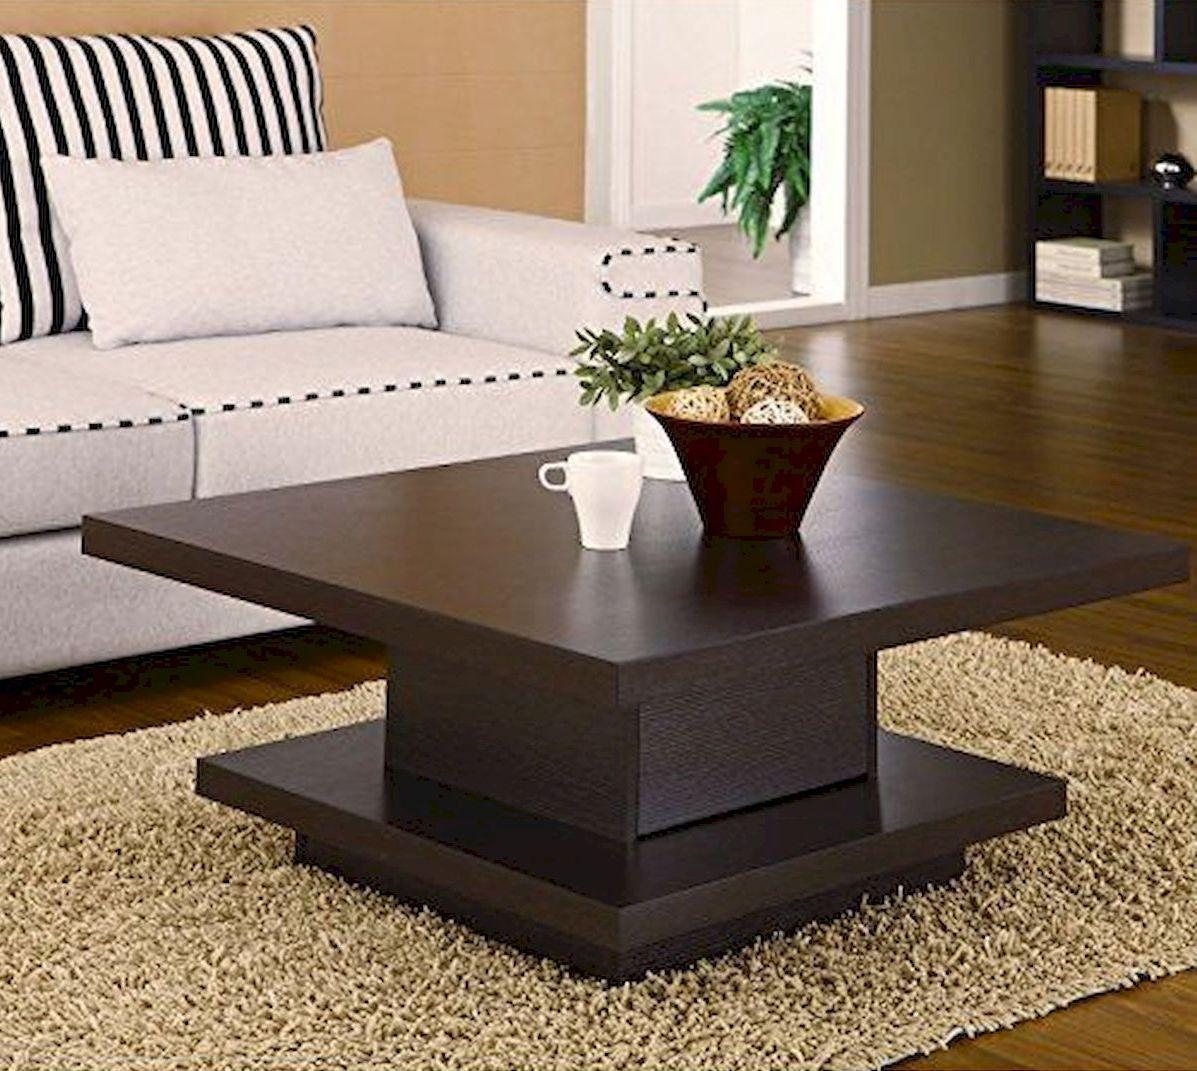 Et SalonBasse 2019Deco Table Coffe En eQBodWrCx